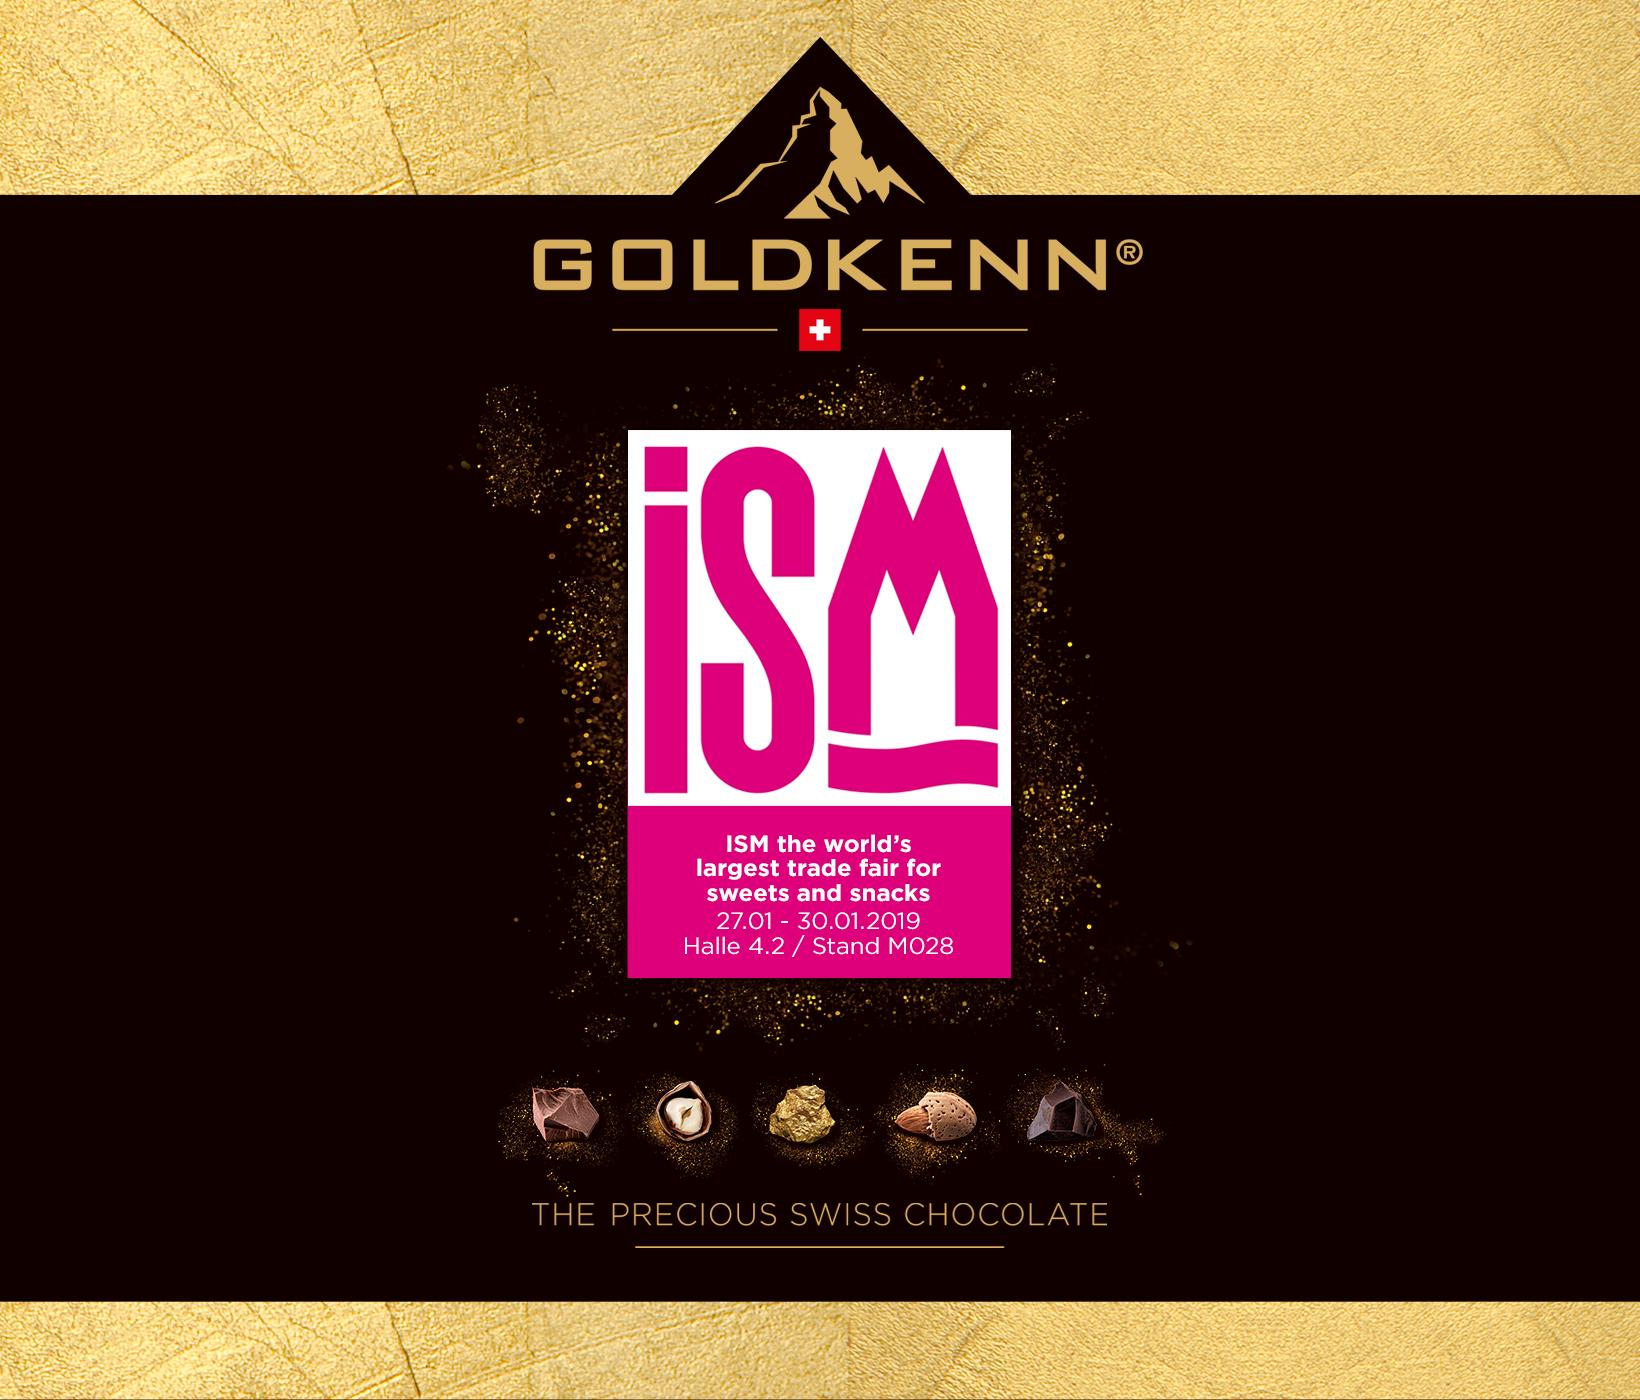 GOLDKENN à l'ISM, Cologne (DE)